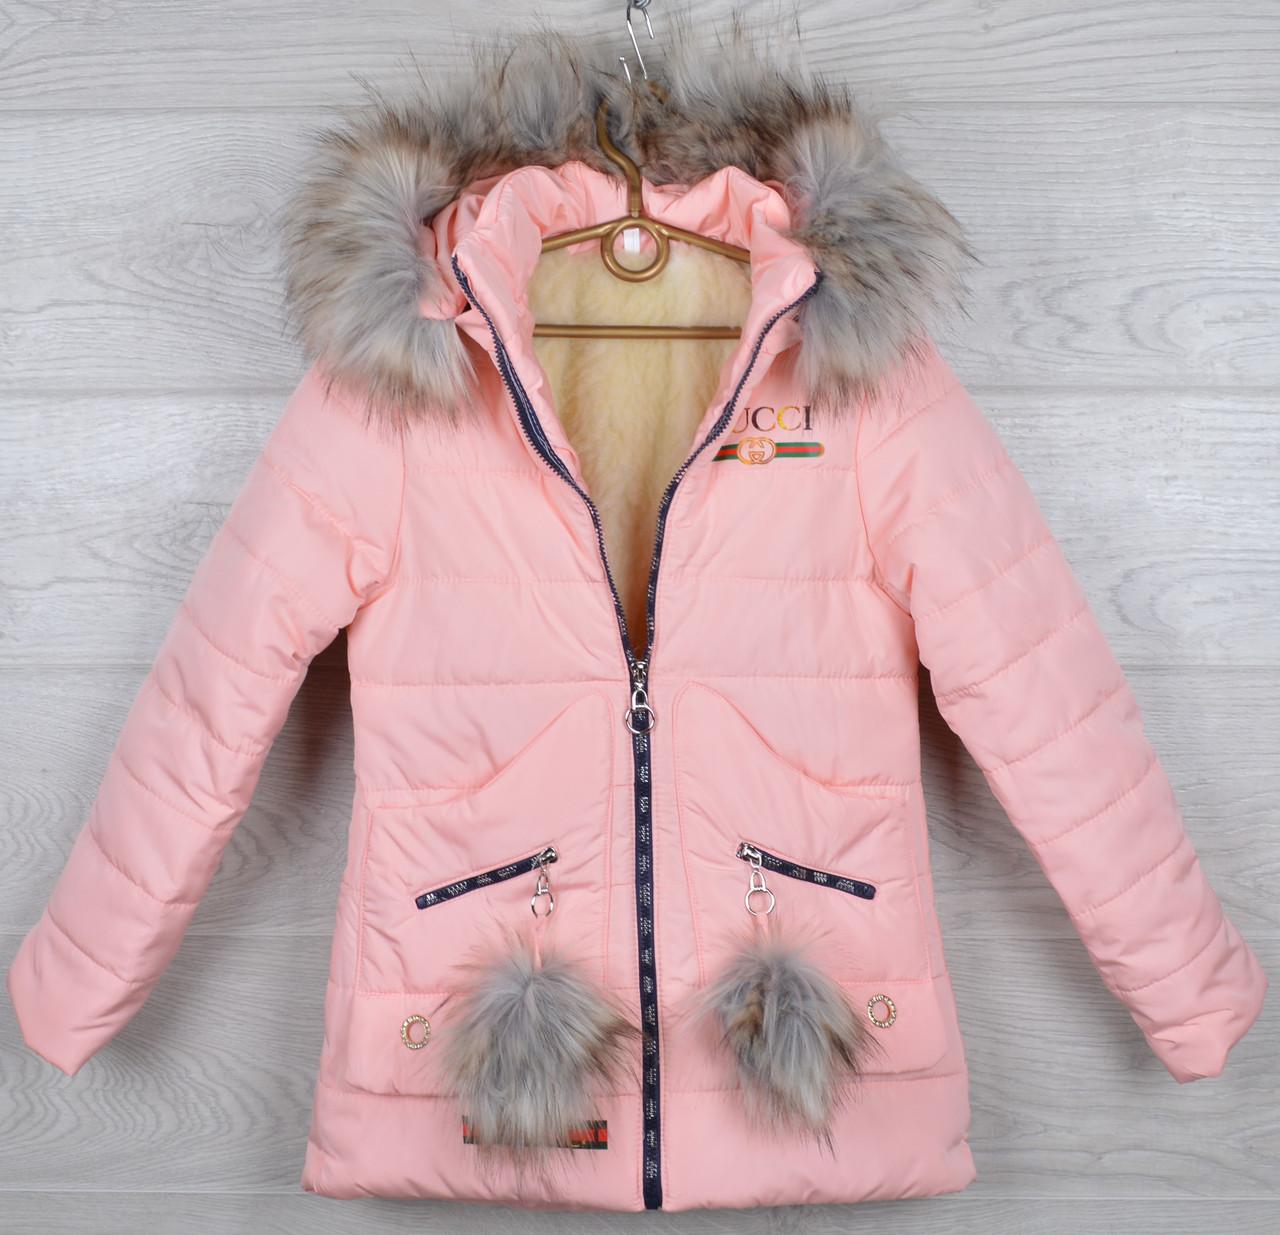 """Куртка зимняя на овчине """"Gucci реплика"""" для девочек. 10-11-12-13-14 лет (140-164 см). Персиковая. Оптом."""